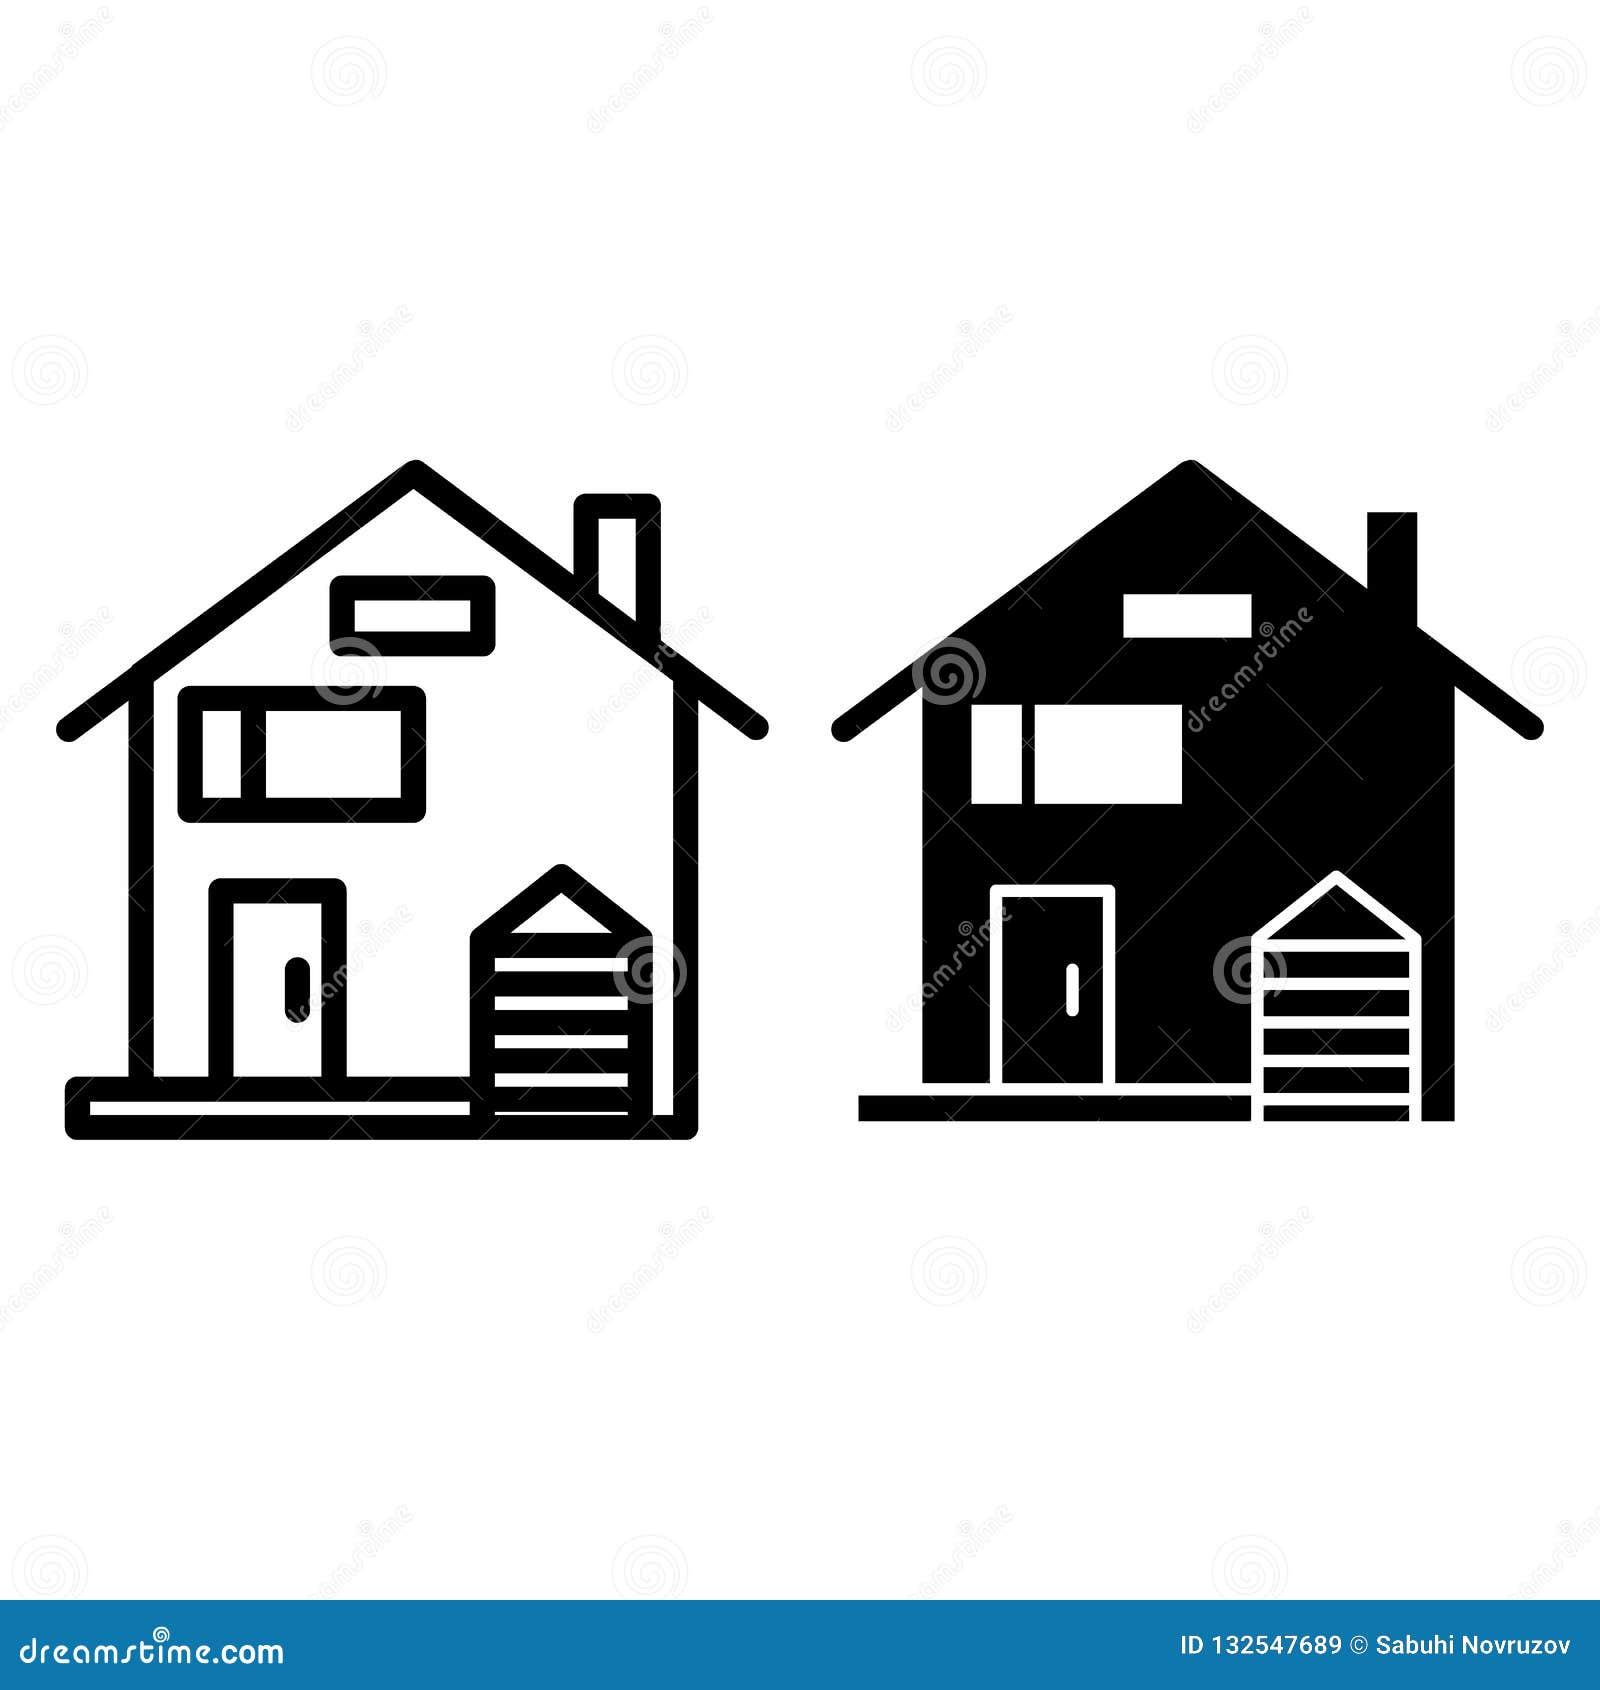 Αμερικανικοί οικογενειακό ιδιωτικός πυροσβεστικός σωλήνας και glyph εικονίδιο Σπιτιών προσόψεων απεικόνιση που απομονώνεται διανυ